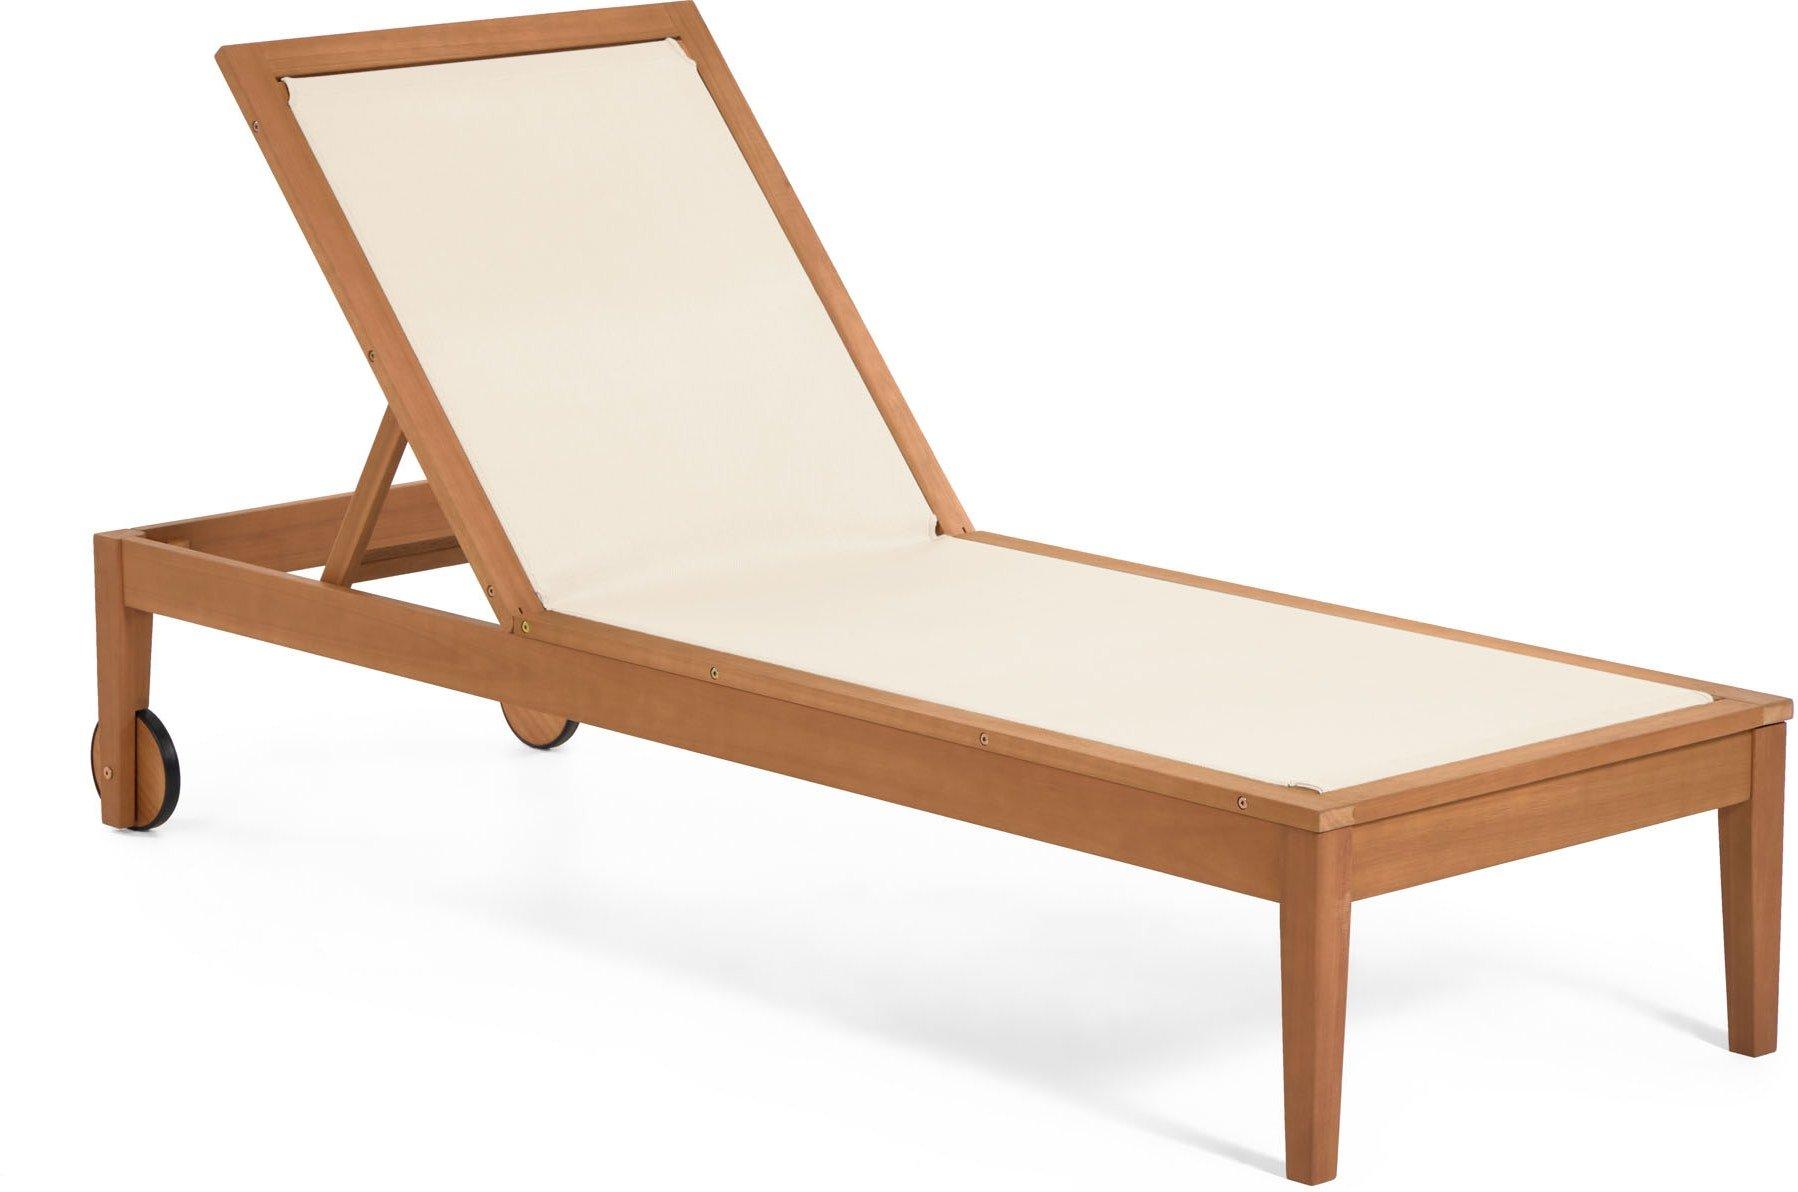 Køb Caterin, Udendørs liggestol by LaForma (H: 94 cm. B: 70 cm. L: 200 cm., Hvid)